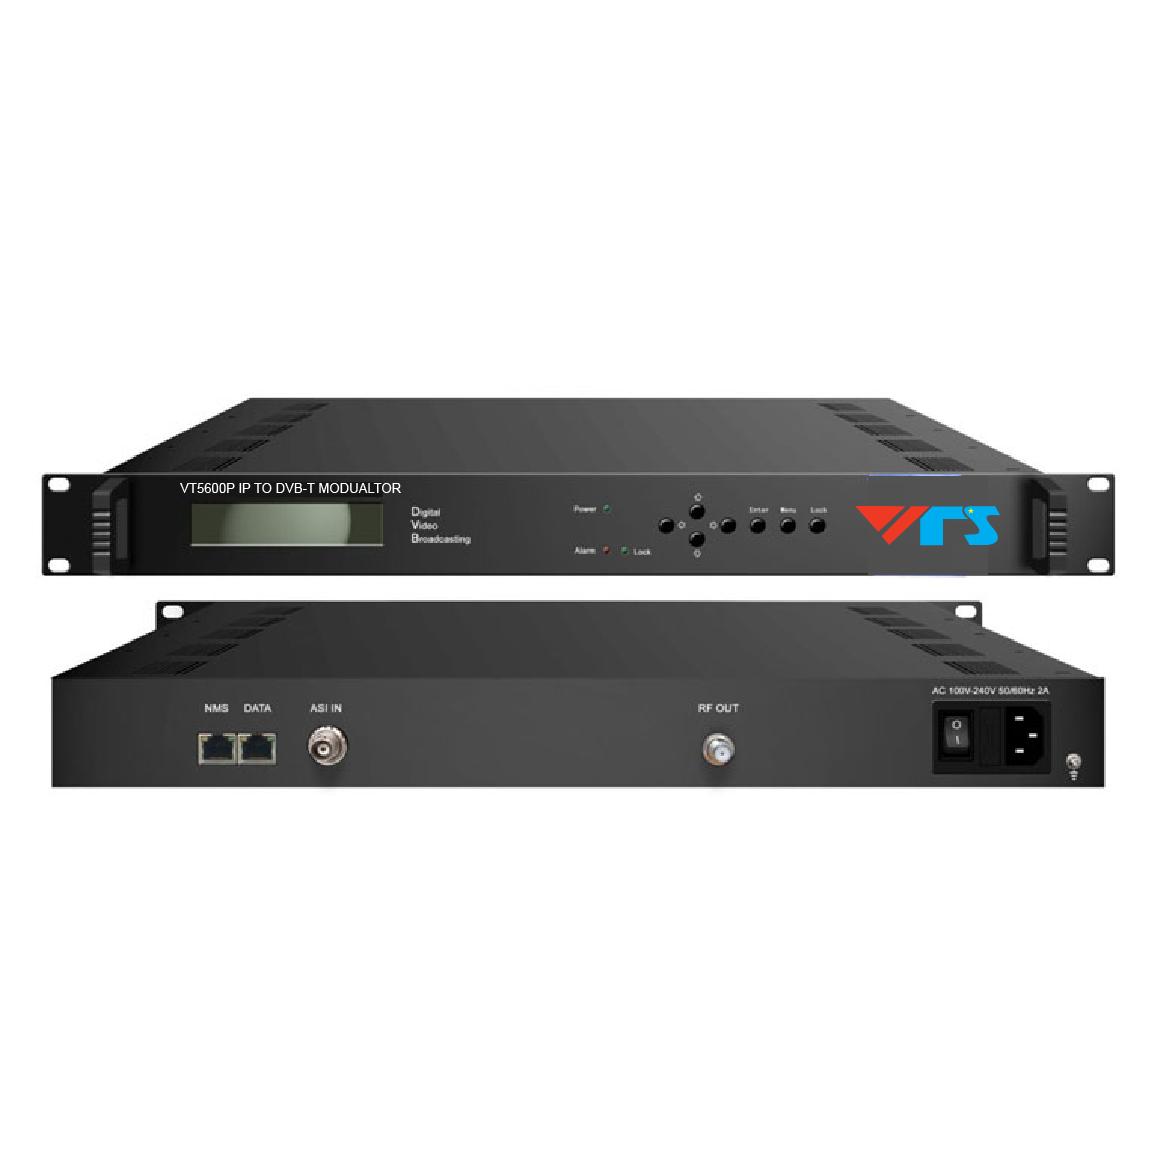 BỘ ĐIỀU CHẾ IP SANG DVB-T VT5600P